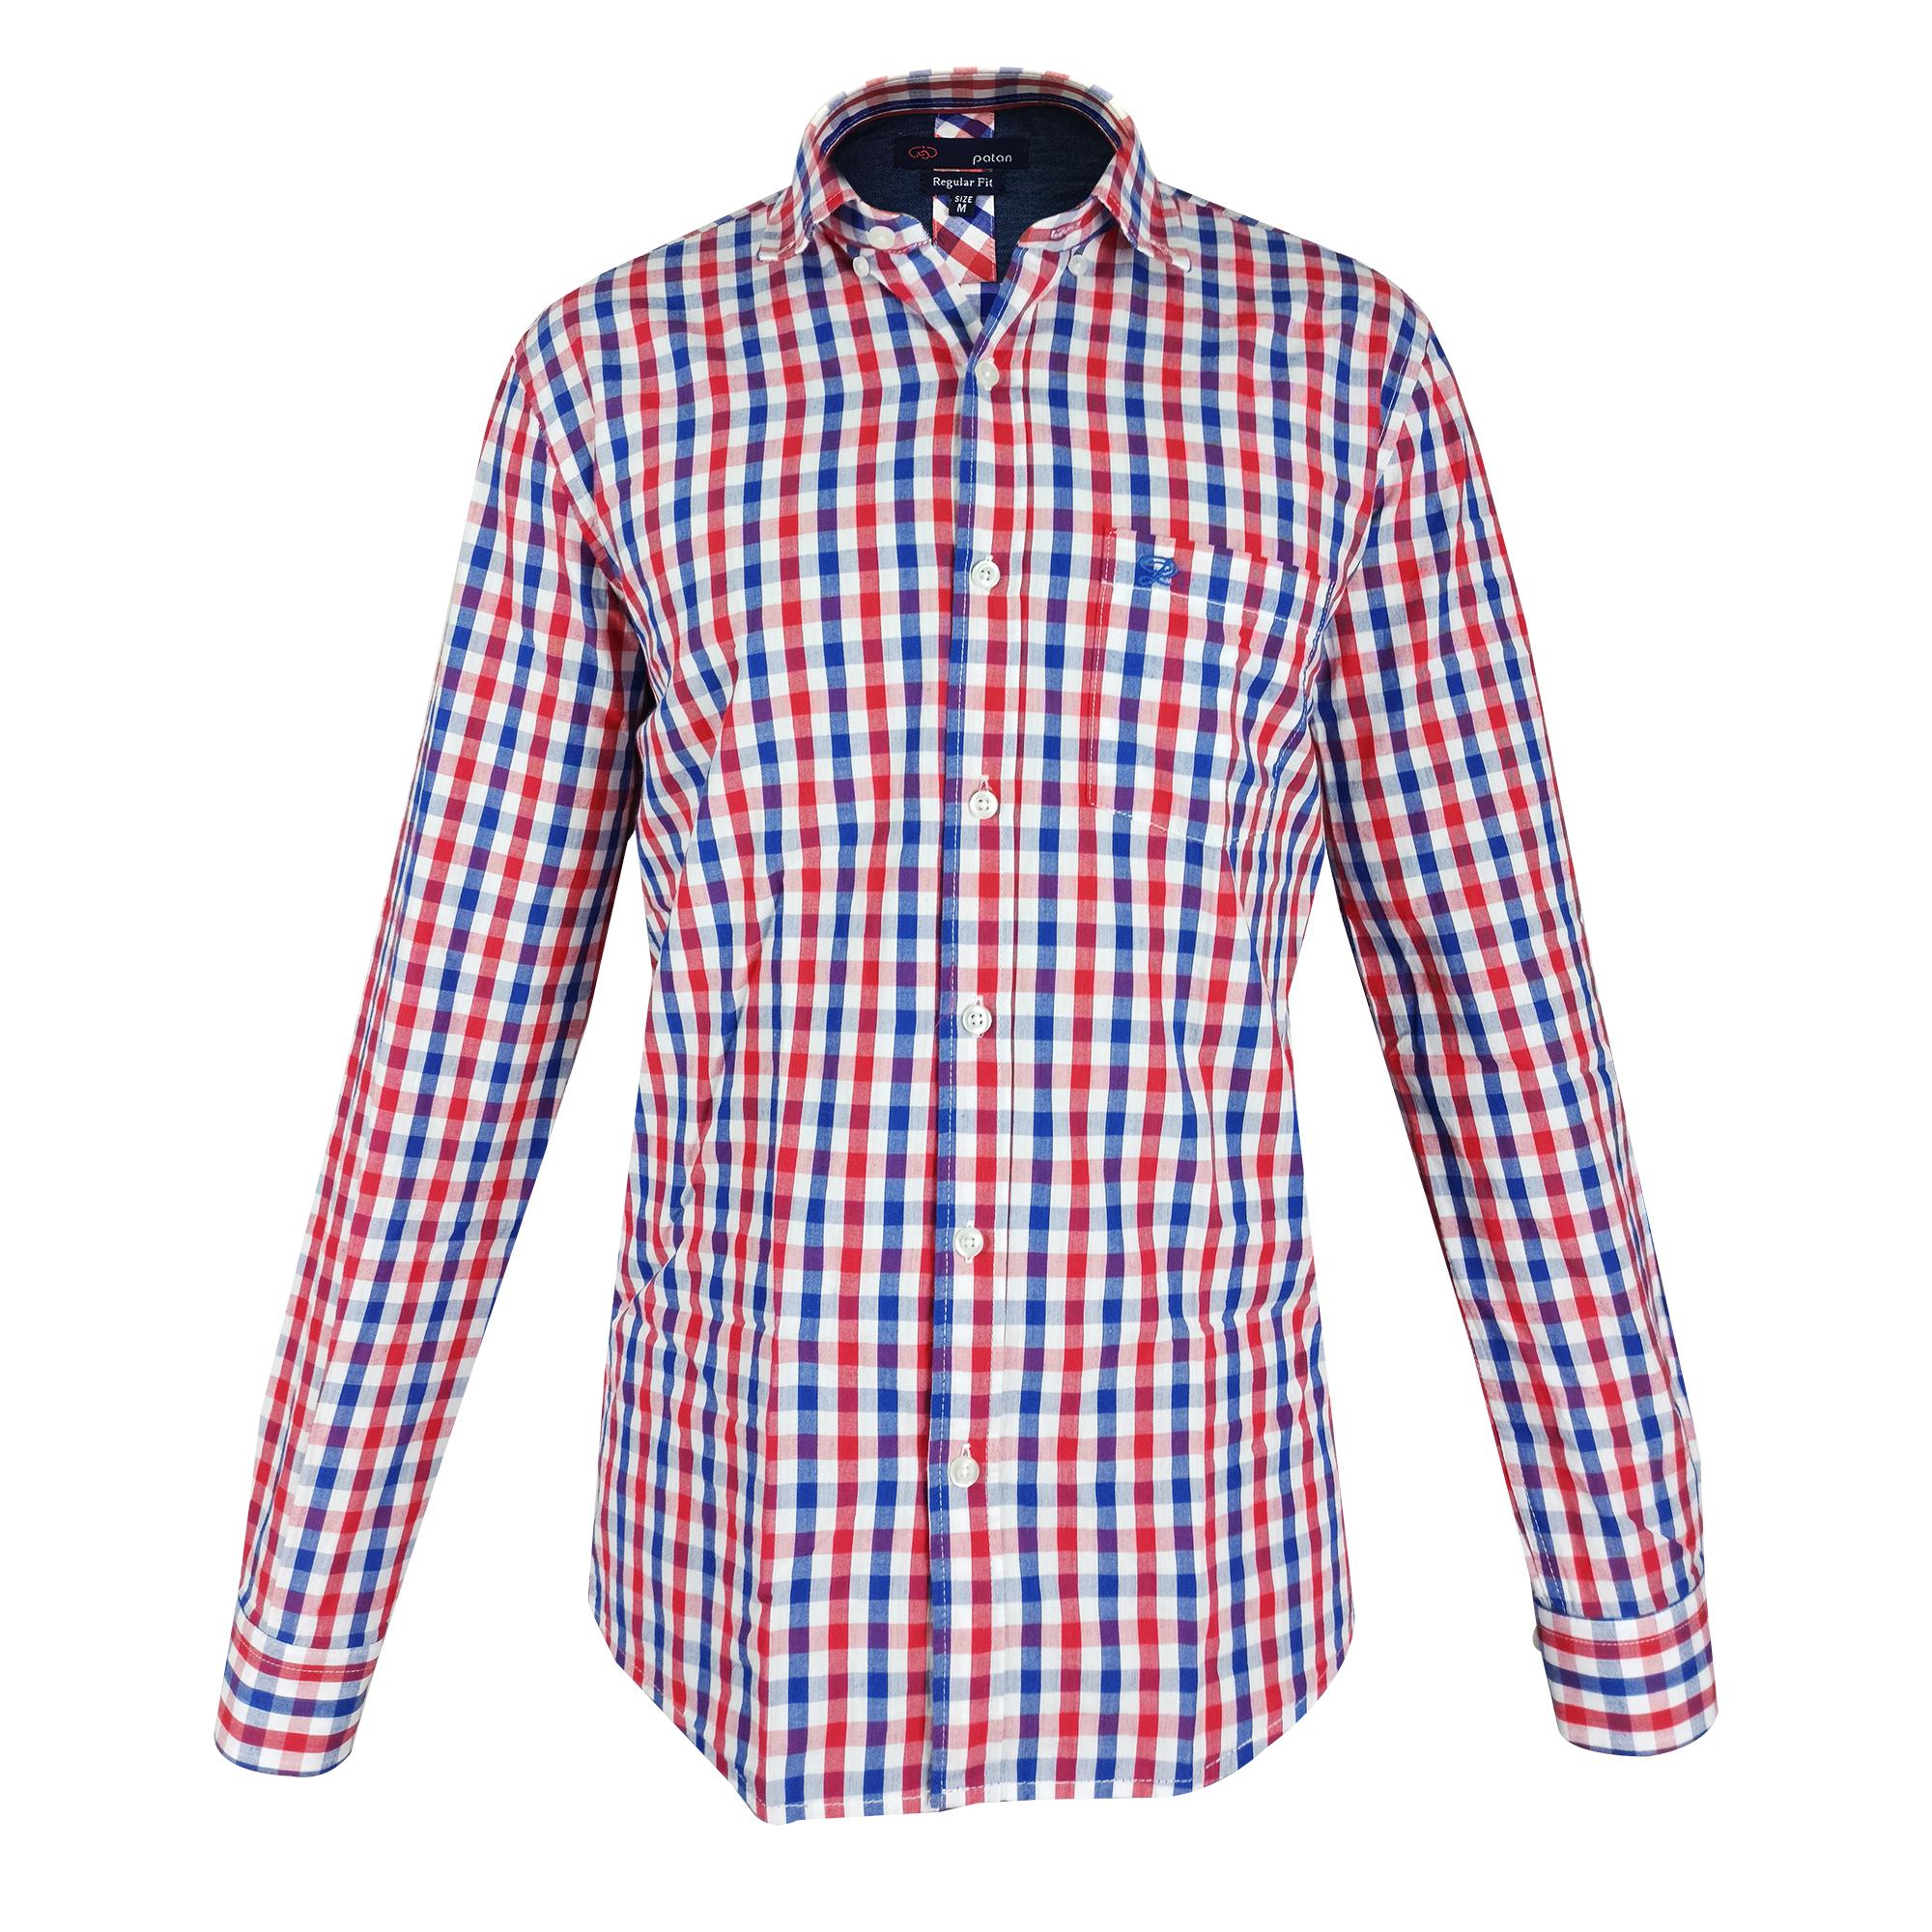 پیراهن آستین بلند مردانه پاتن جامه مدل 102721280393674